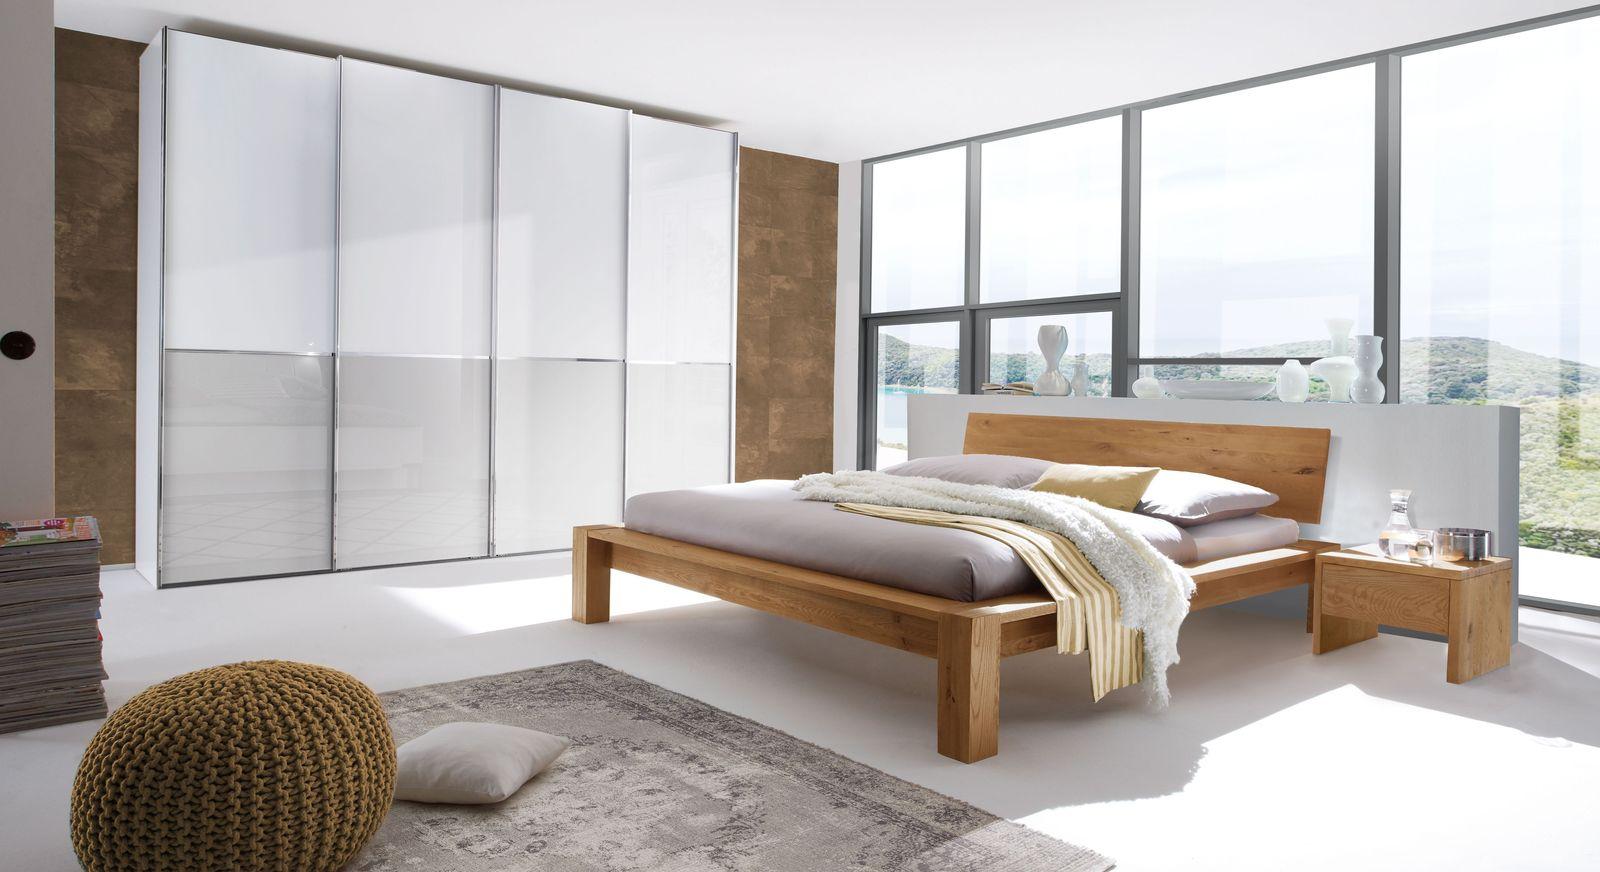 Bett Evora mit passender Schlafzimmer-Ausstattung